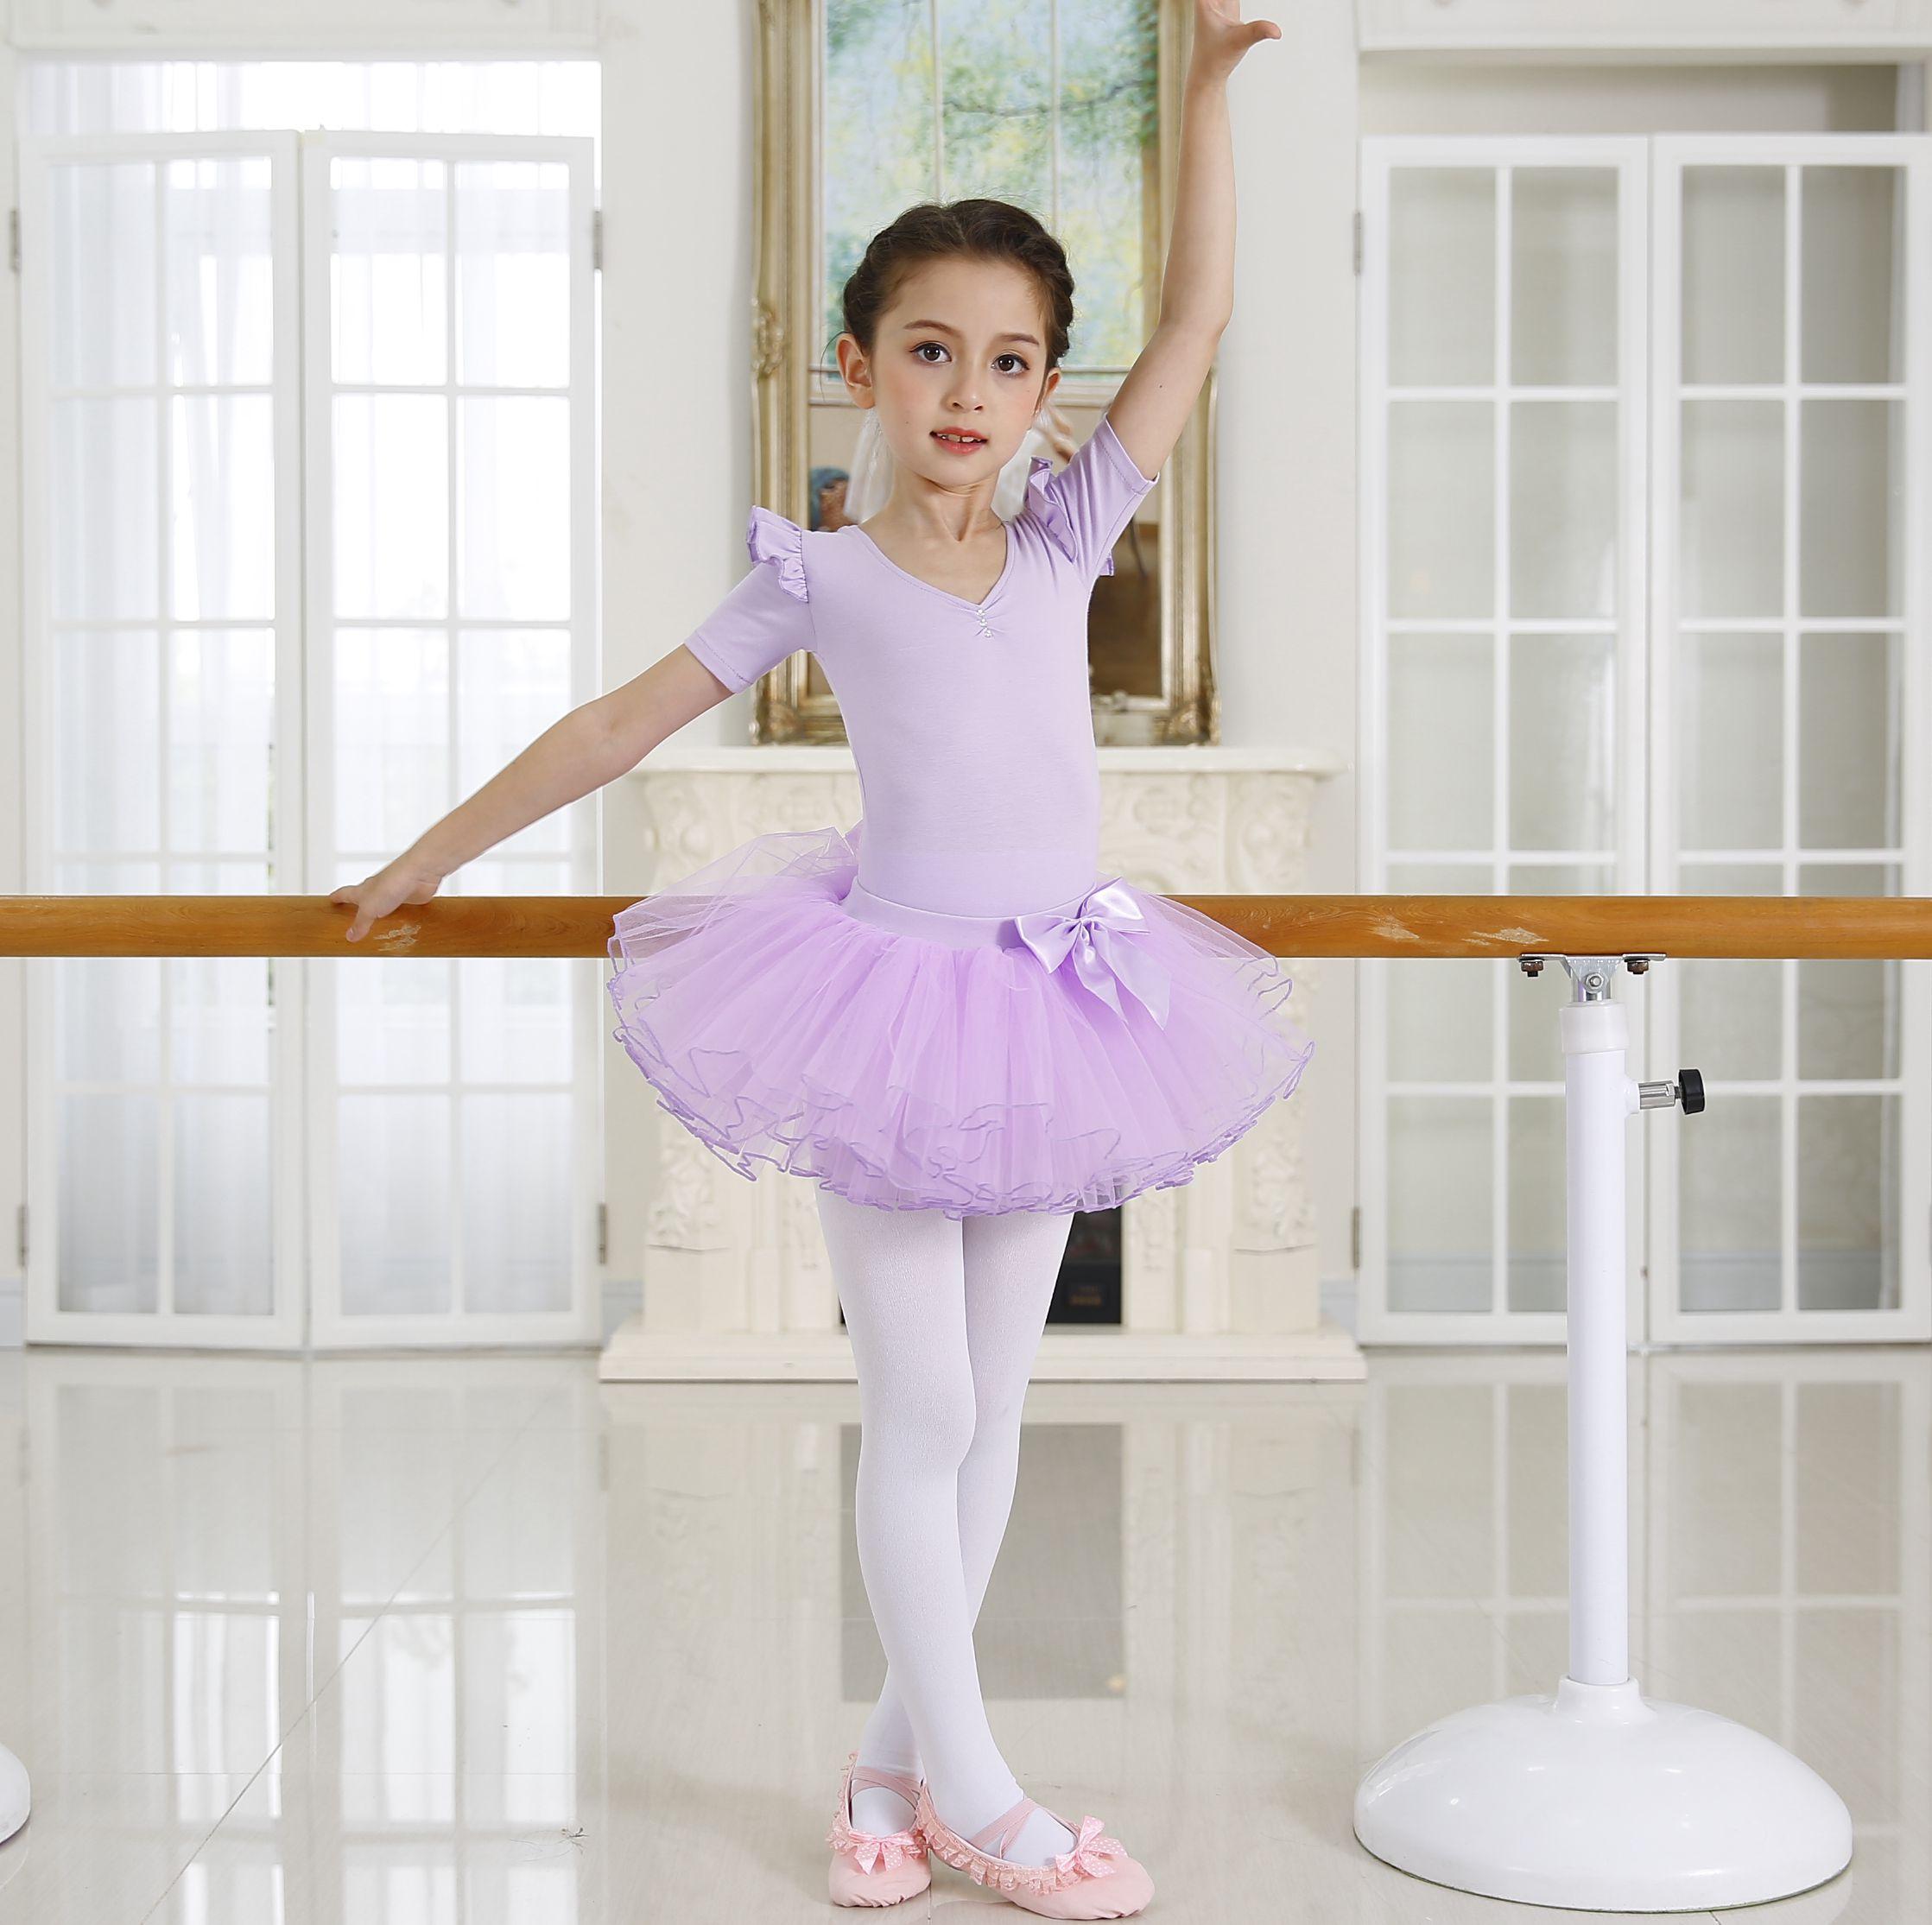 Цвет: Фиолетовый (короткий рукав), спортивный костюм + юбки